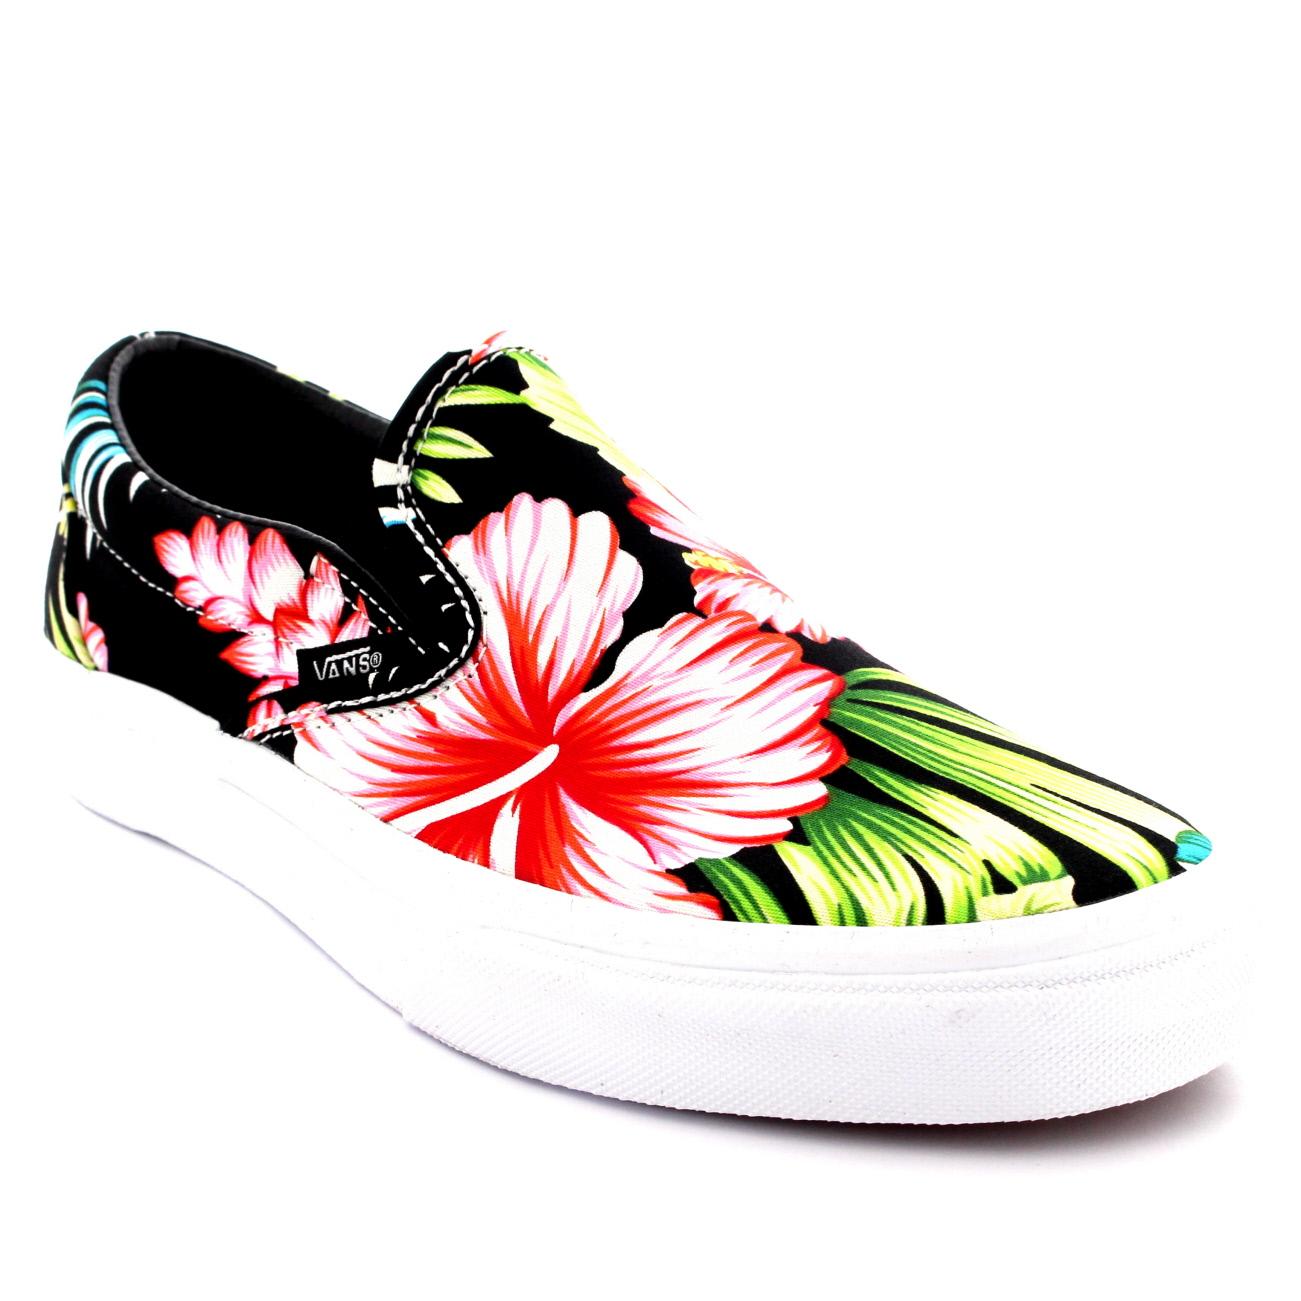 vans floral shoes uk